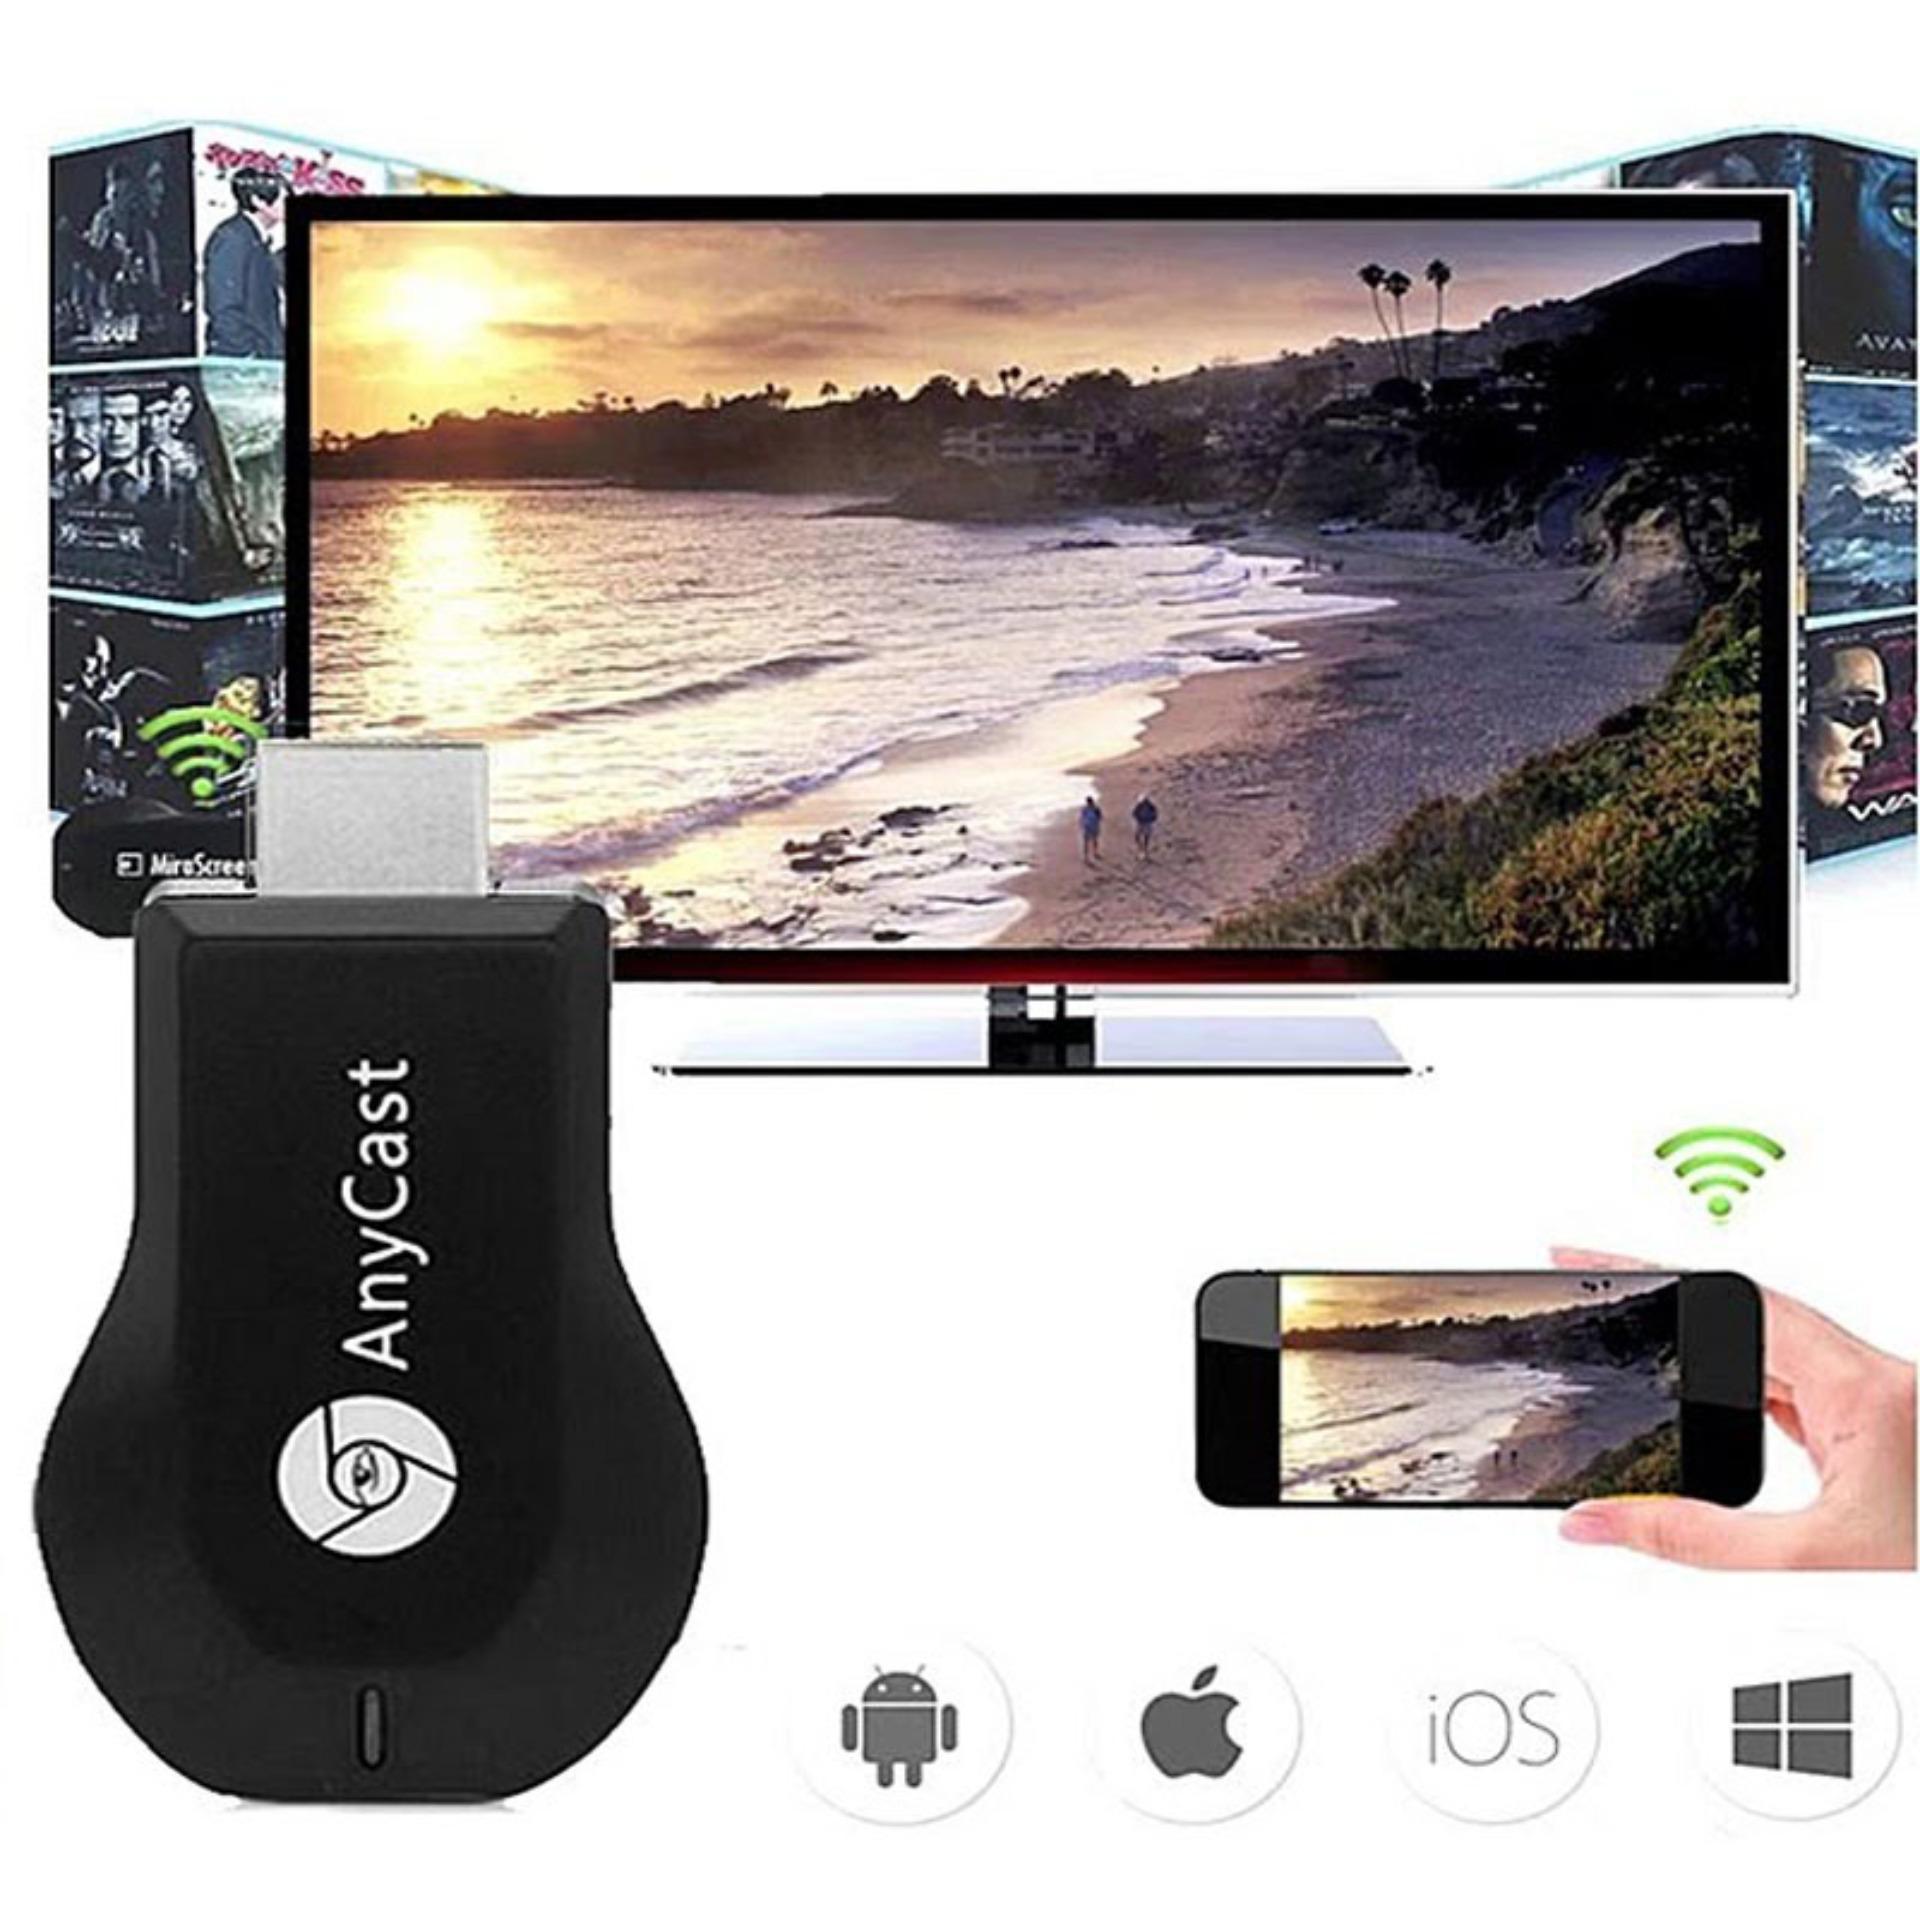 Hình ảnh Kết Nối Điện Thoại Với Tivi Sony Bravia, Kết Nối Điện Thoại Với Tivi Tcl, Mua Ngay Thiết Bị Kết Nối Hdmi Không Dây Anycast M2 Plus, Truyền Dữ Liệu Cực Nhanh, Giảm Giá Sốc 50%